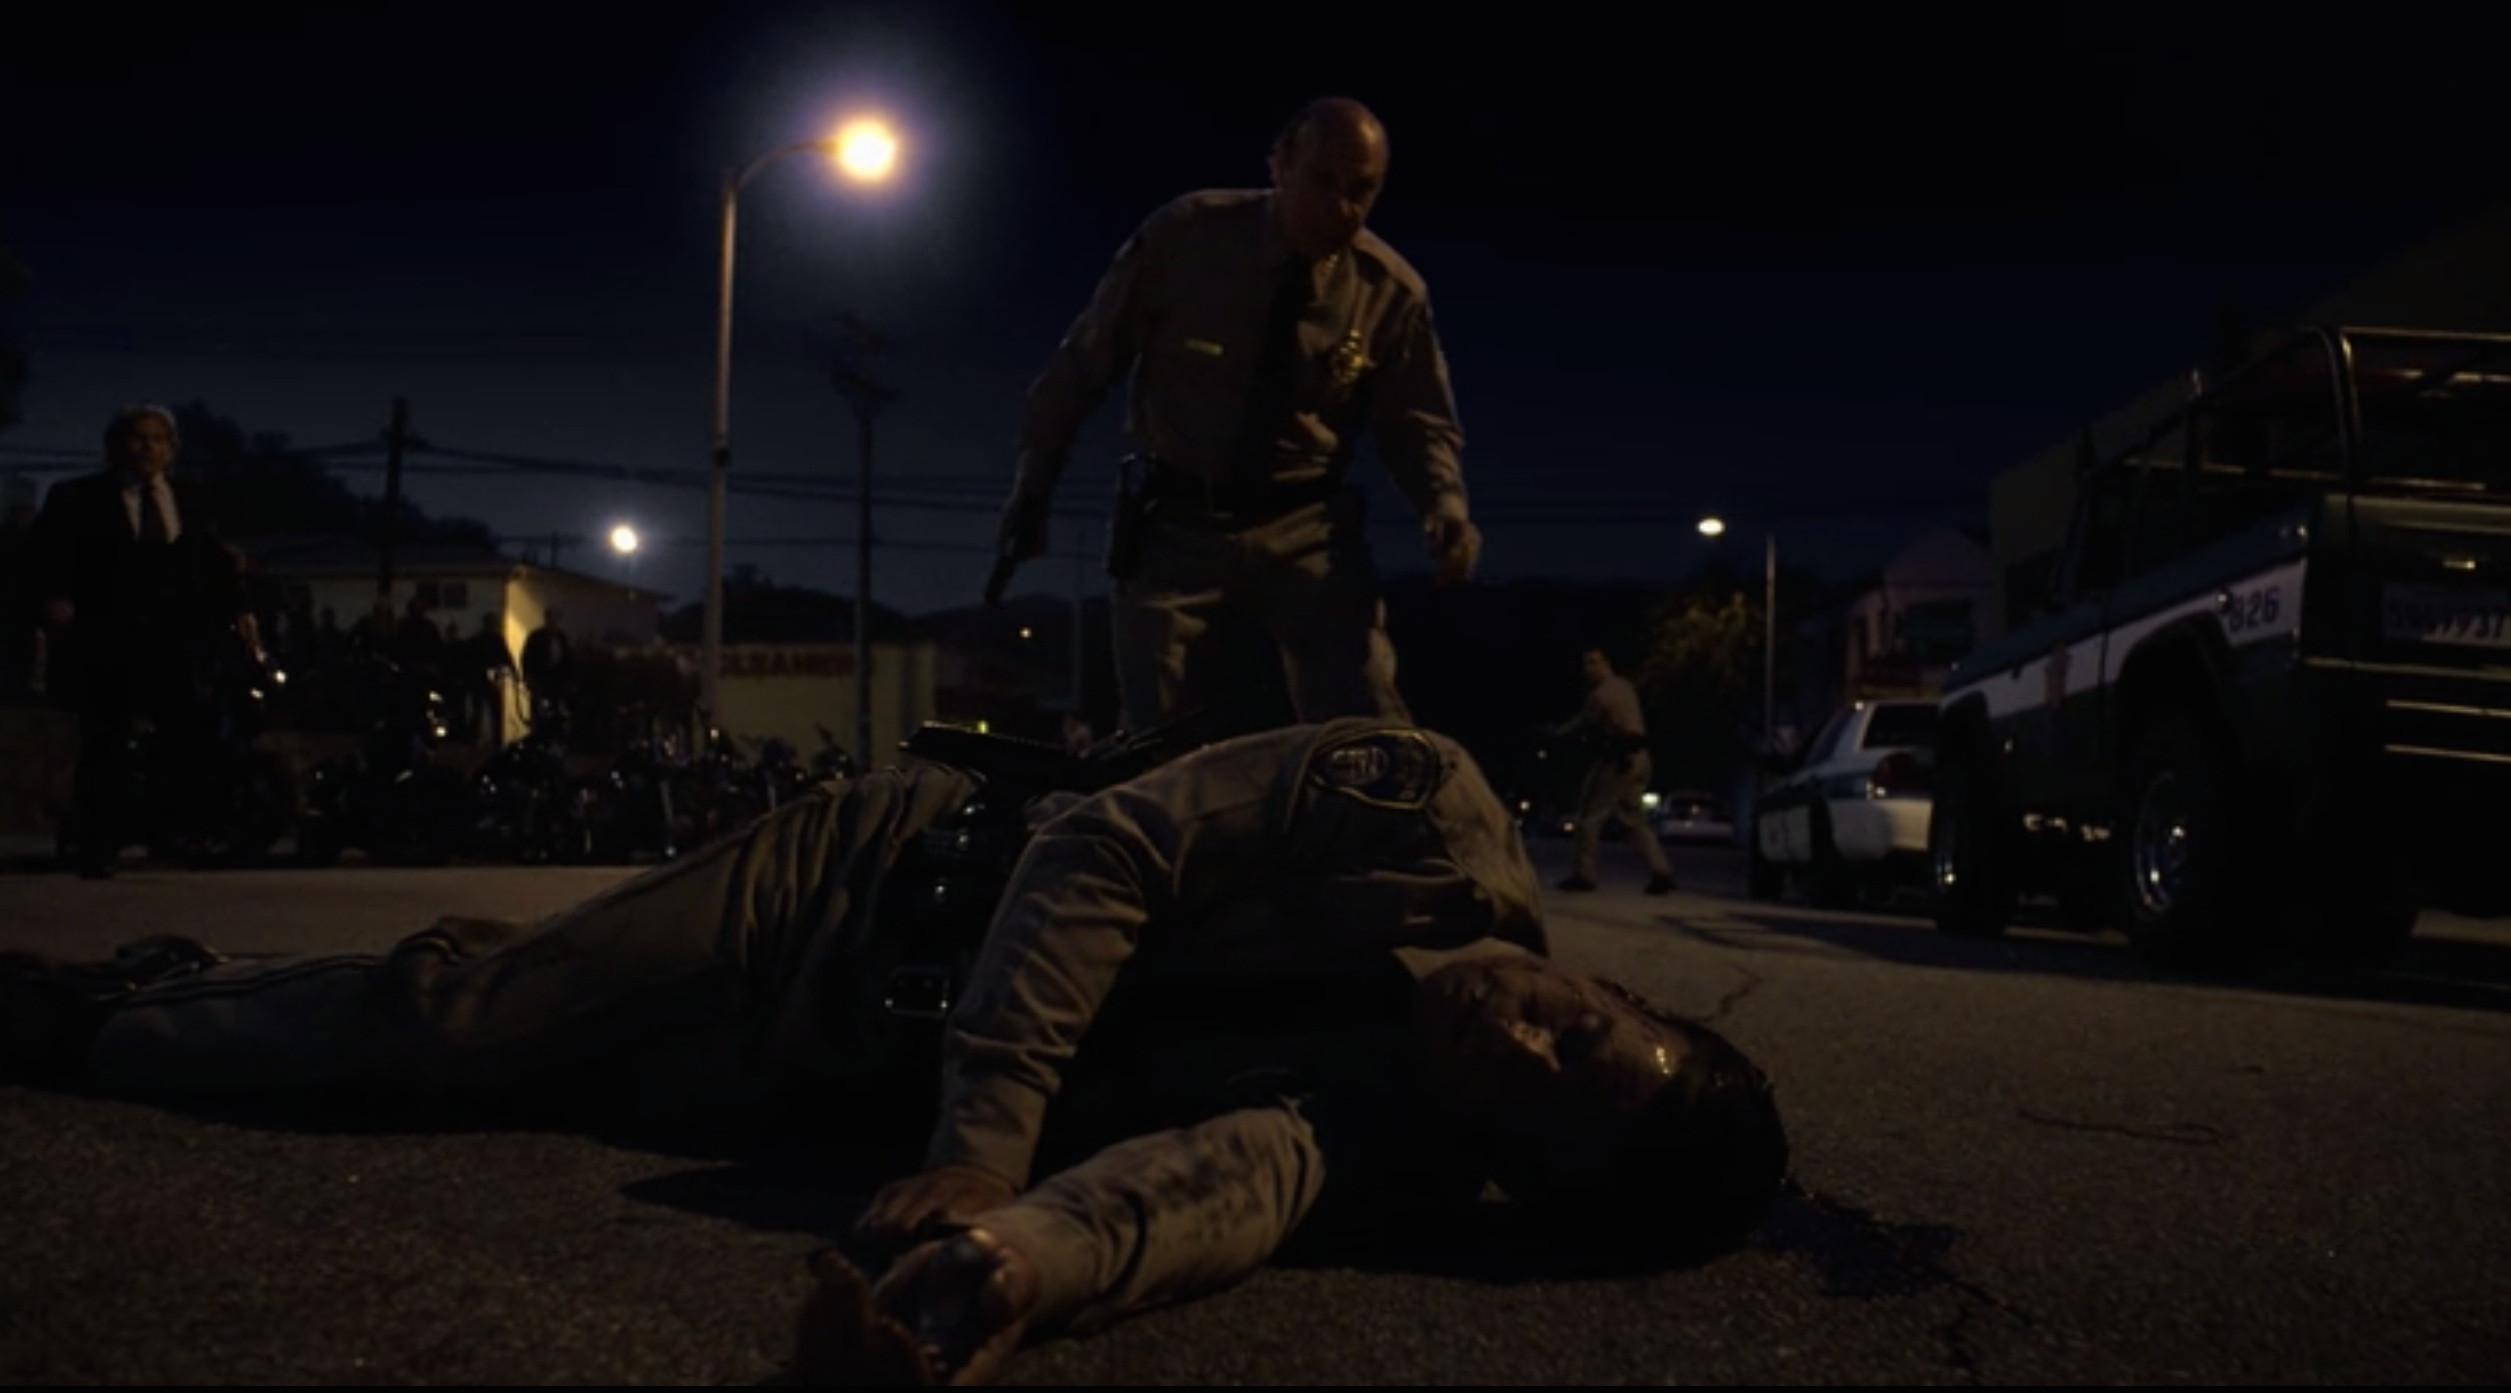 Sons of Anarchy: un'immagine della morte dello sceriffo Hale